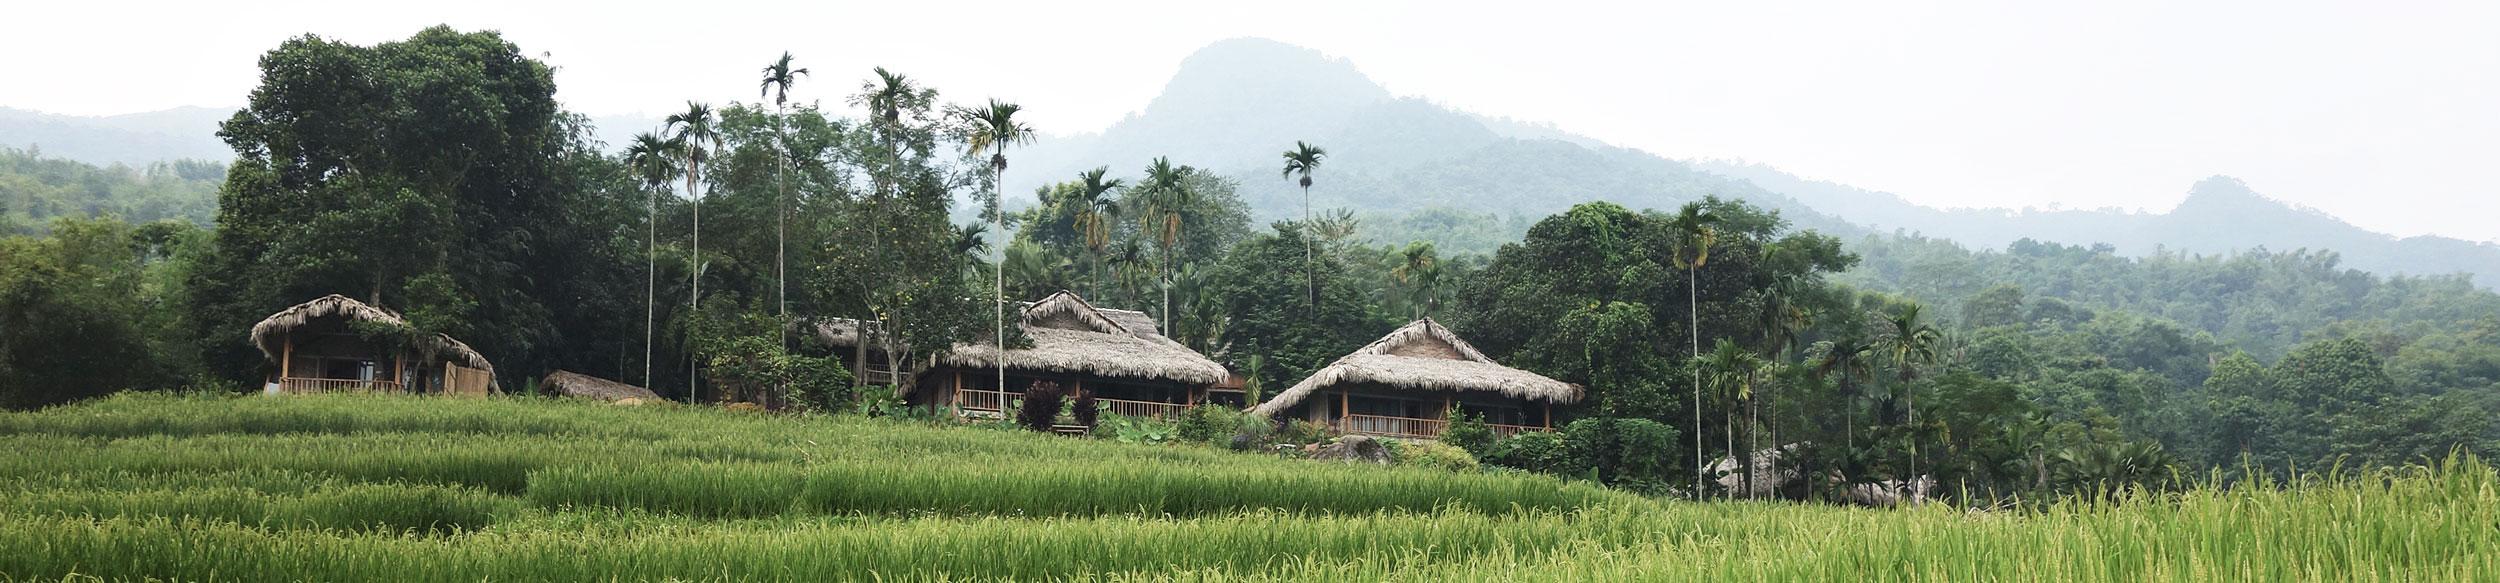 Bungalow dans la réserve de Pu Luong au Vietnam